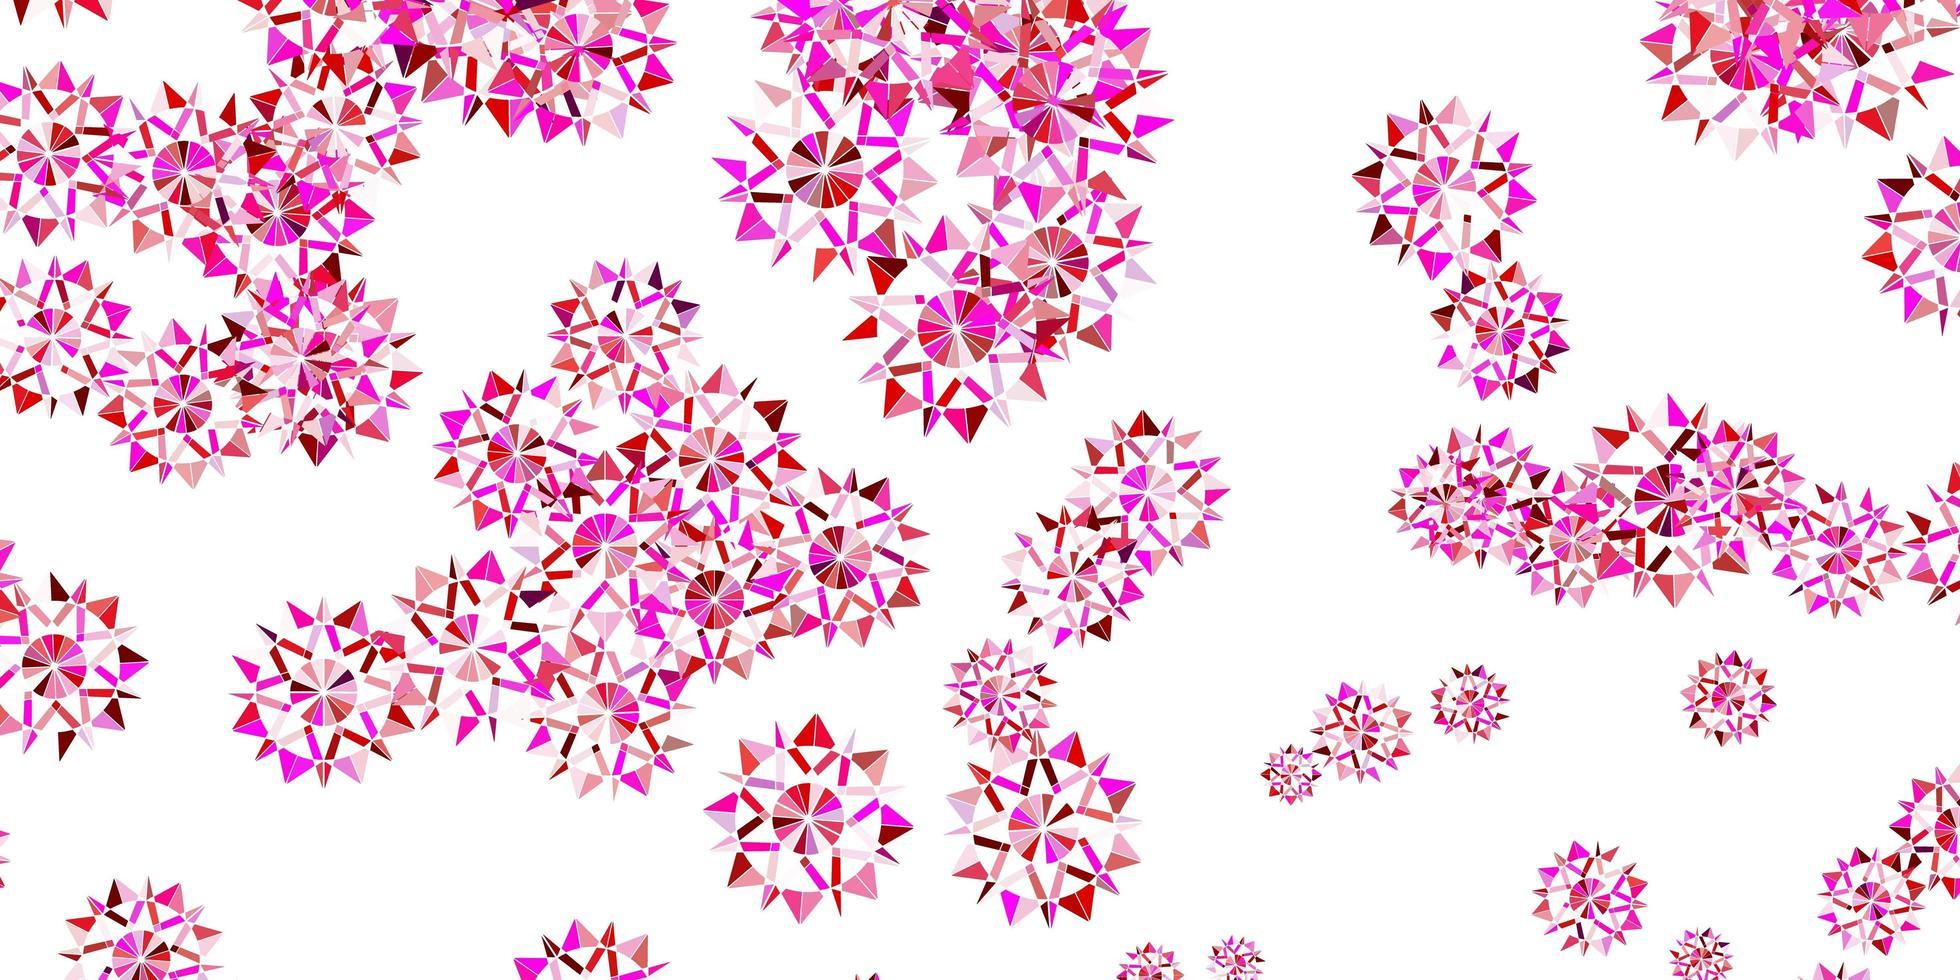 mise en page violet clair, rose avec de beaux flocons de neige. vecteur